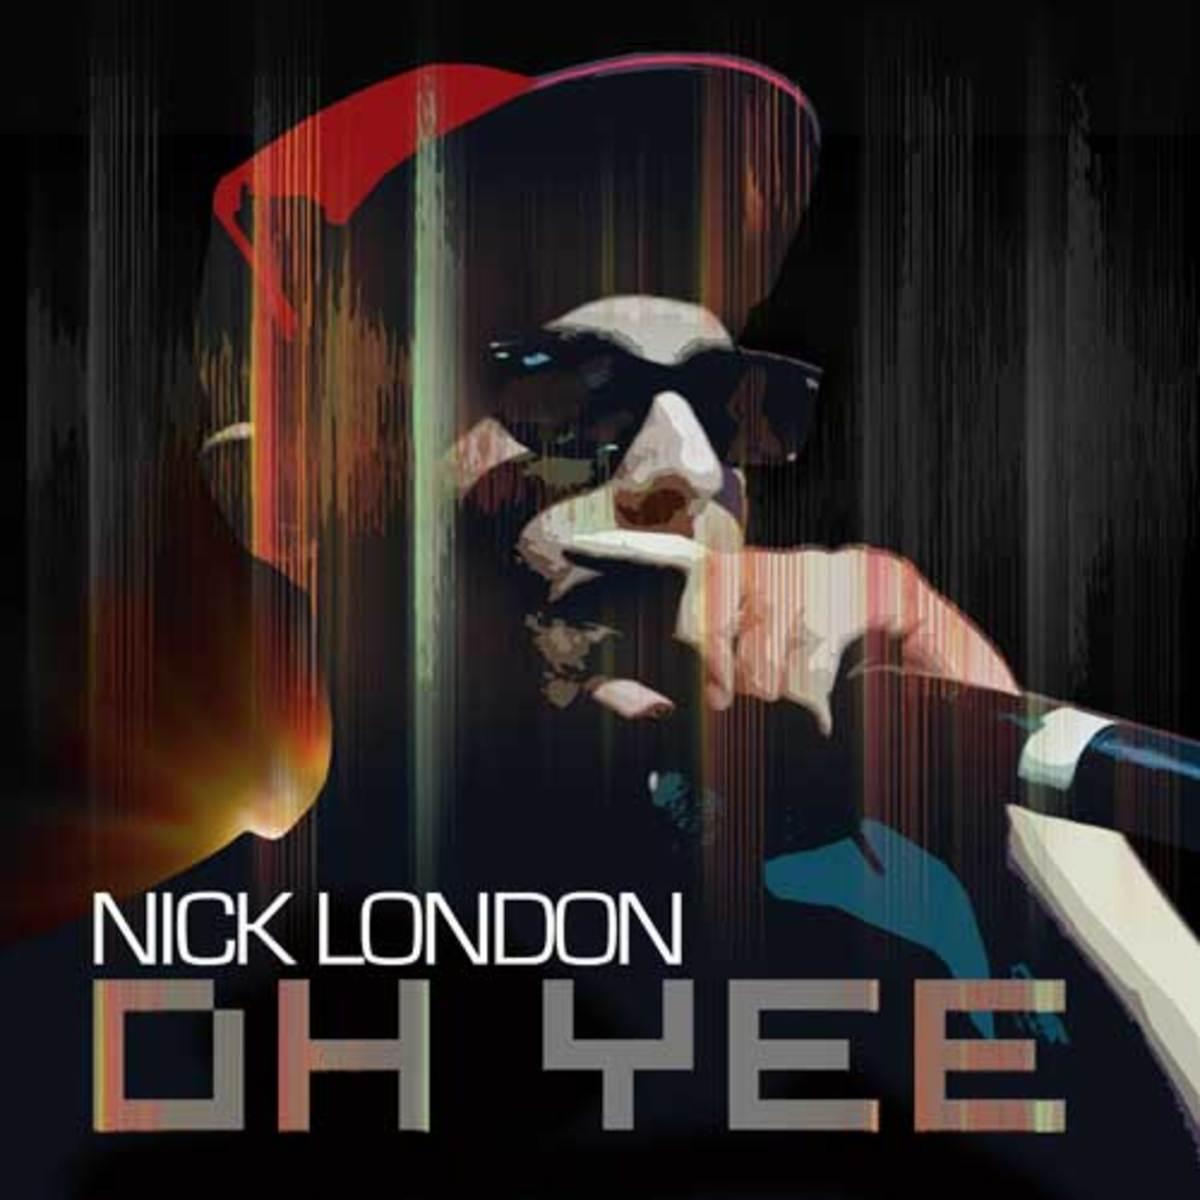 nicklondon-ohyee.jpg